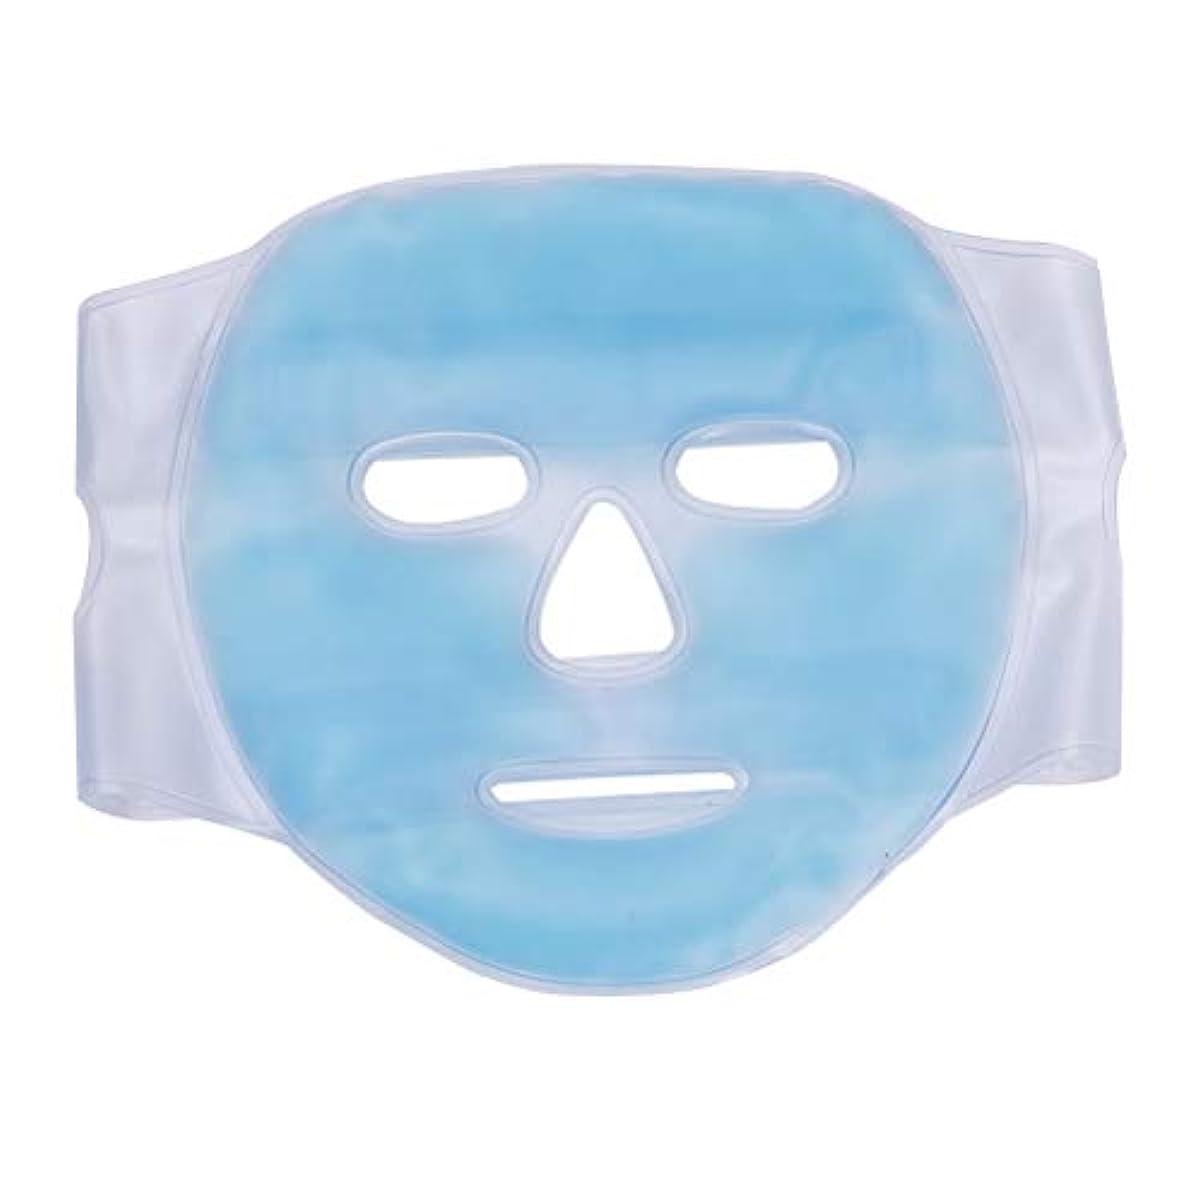 特定のジュース習慣SUPVOX 美容マスクホットコールドセラピージェルビーズフルフェイシャルマスク睡眠用片頭痛緩腫れぼったい顔(青)